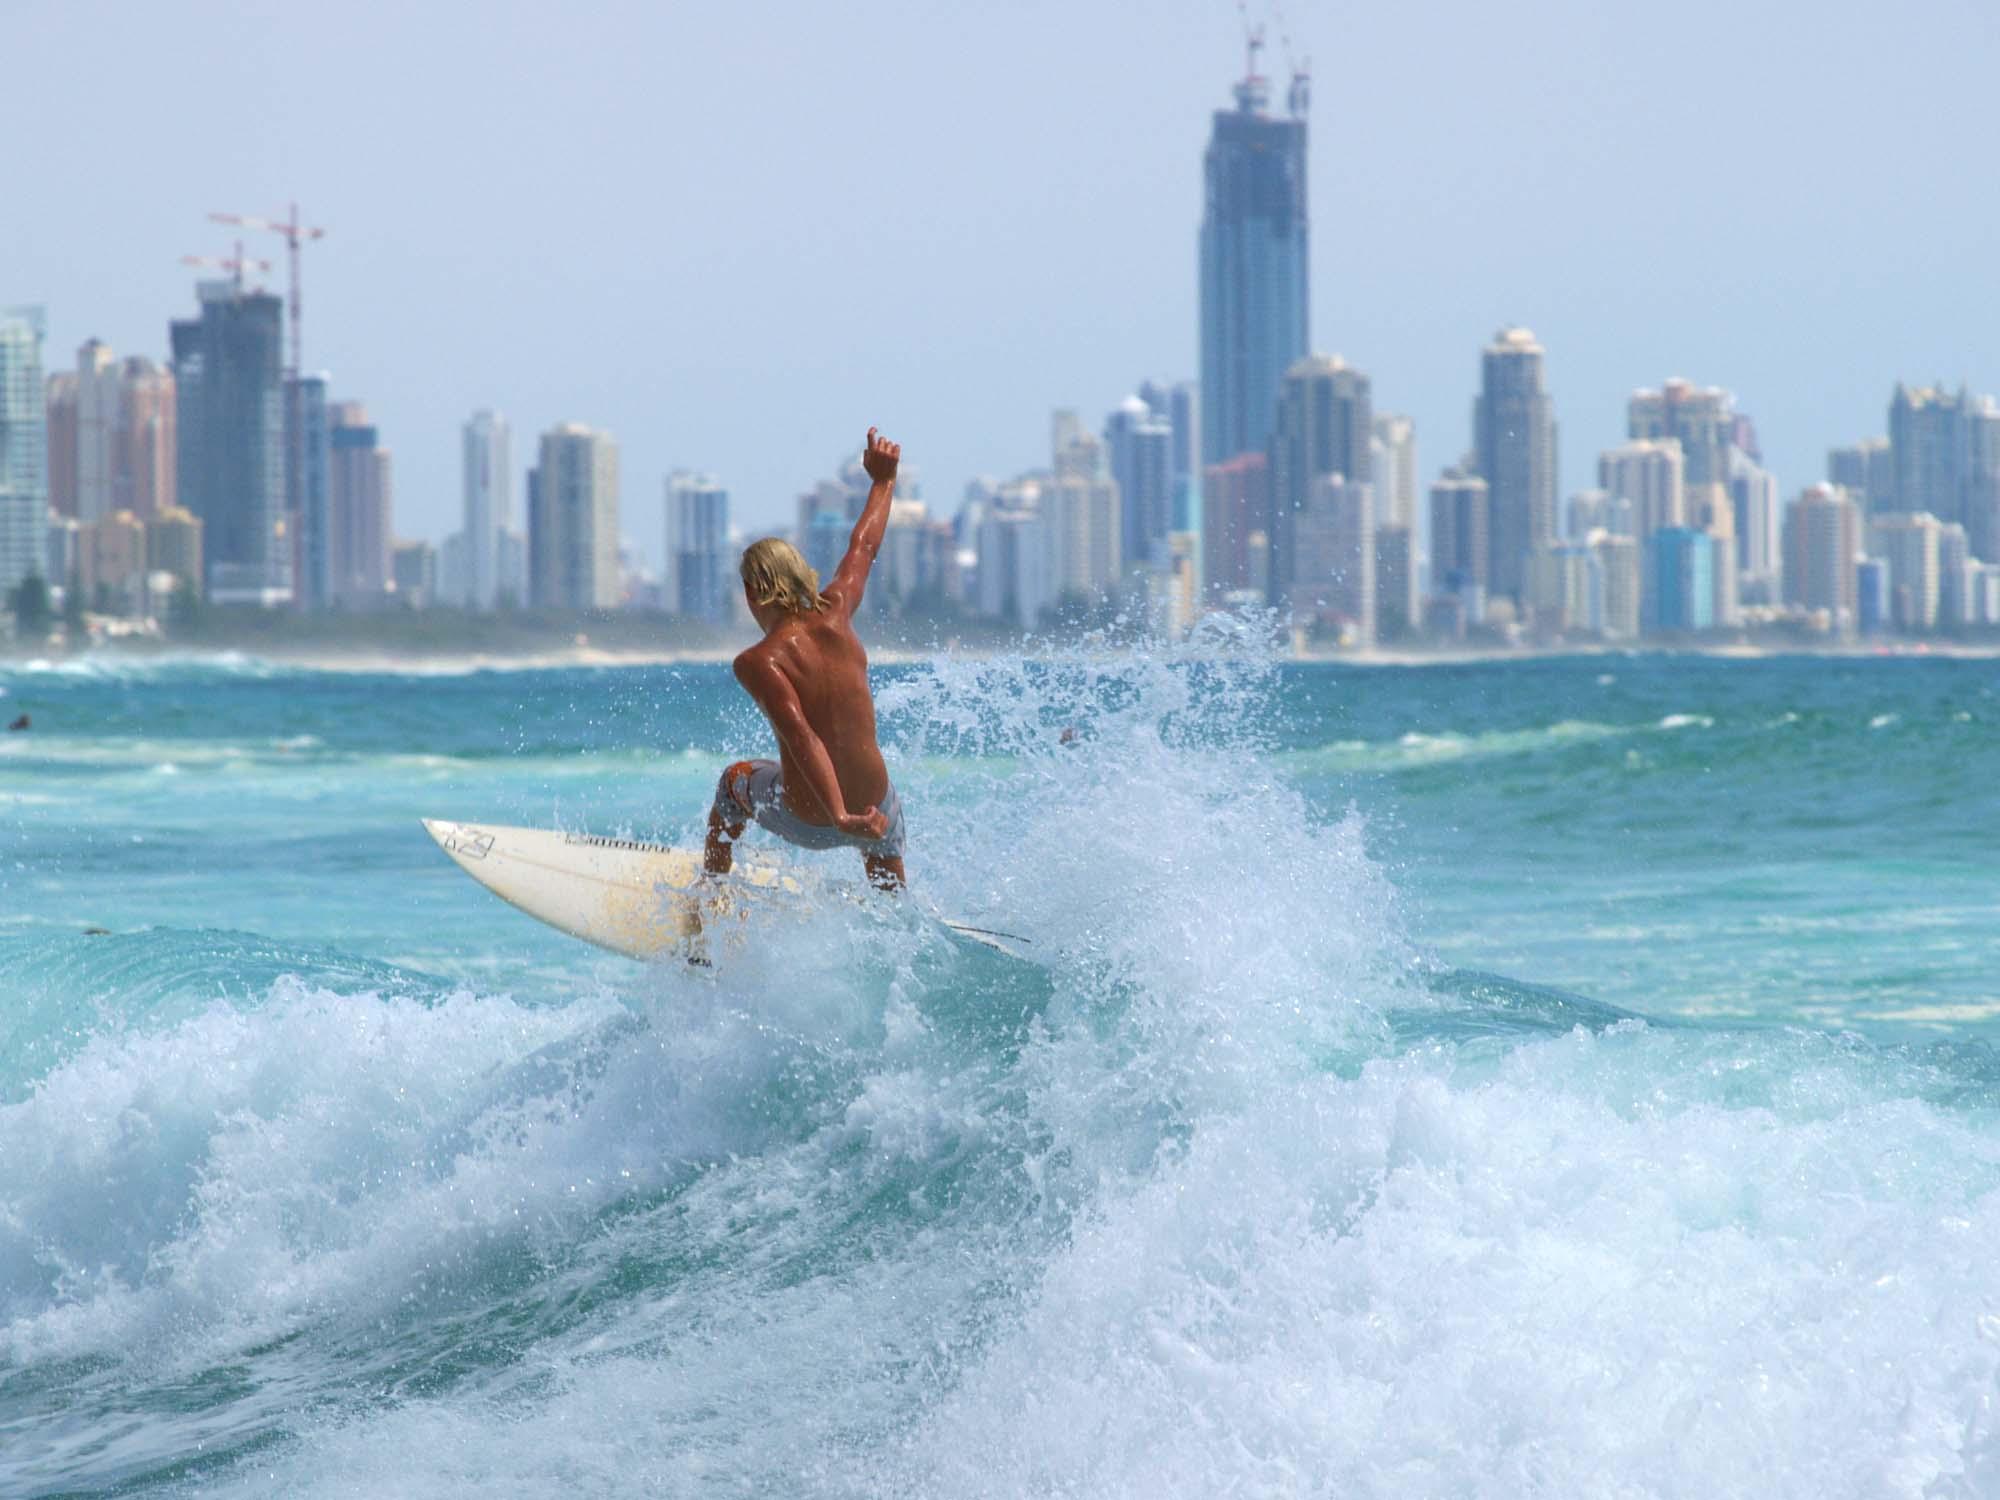 sportfotografie, eventfotografie,veranstaltungsfotografie,paddeling,paddeln,surfen,surfcontest